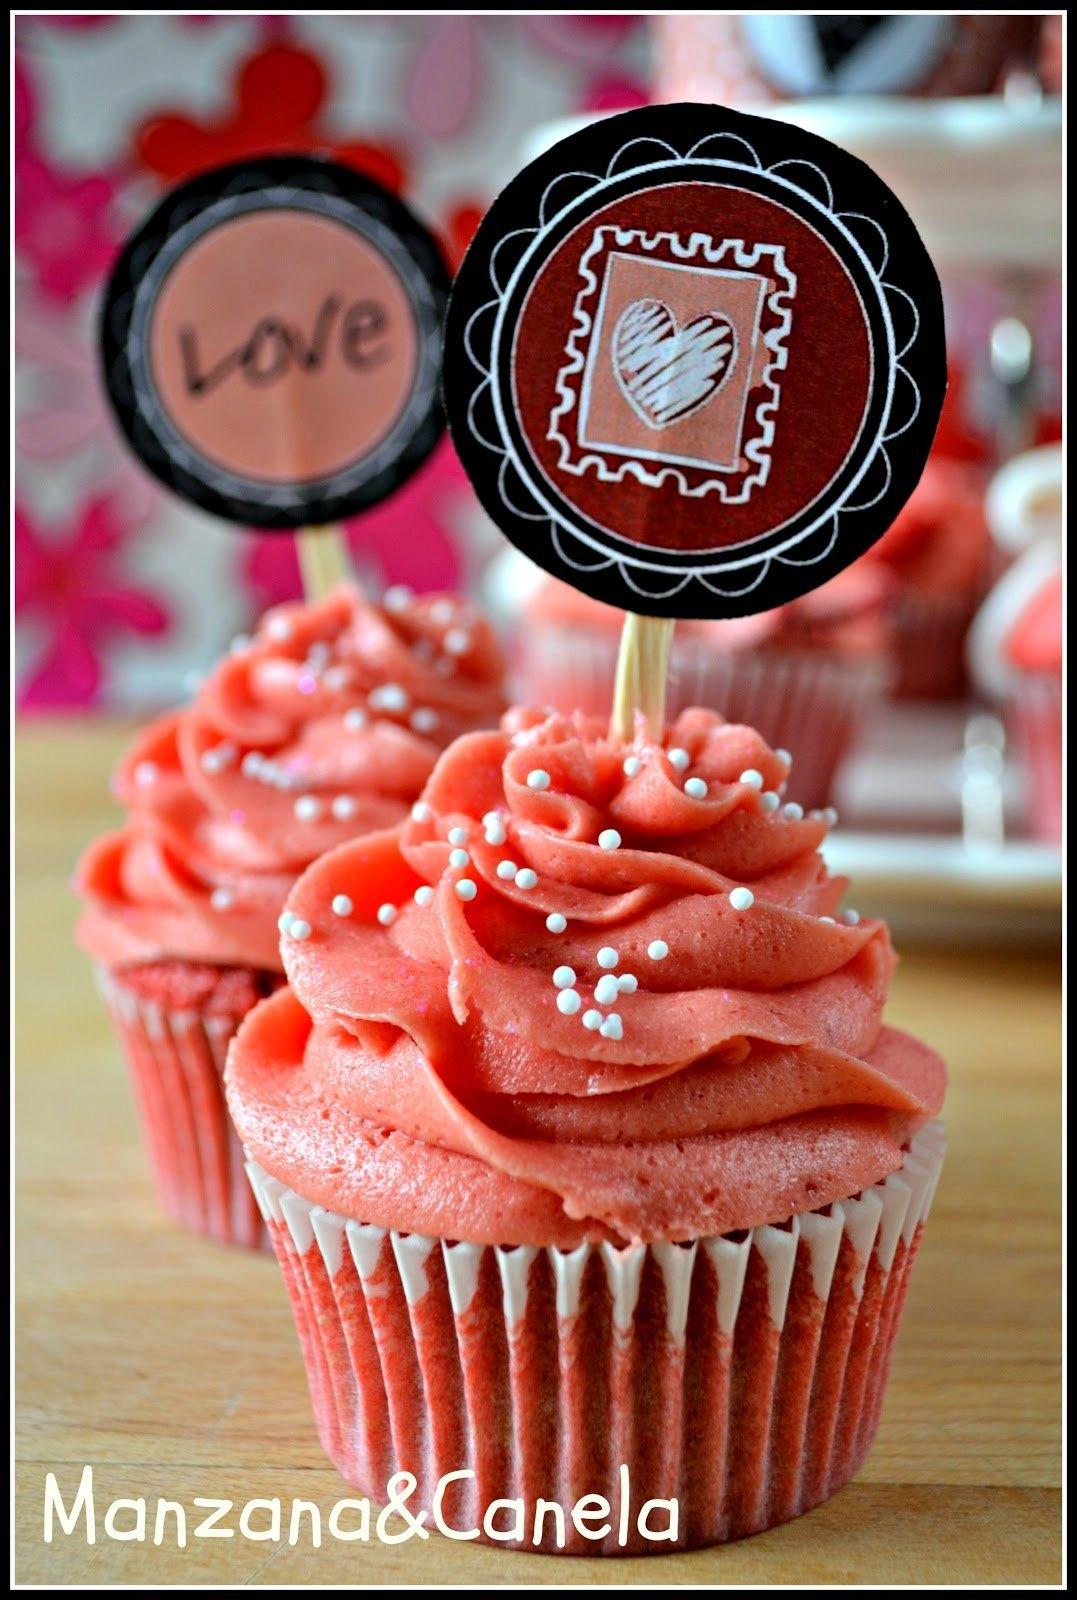 304b4 sanvalentin1 - Pon tu Toque personal al CandyBar: Recetas de Cupcakes